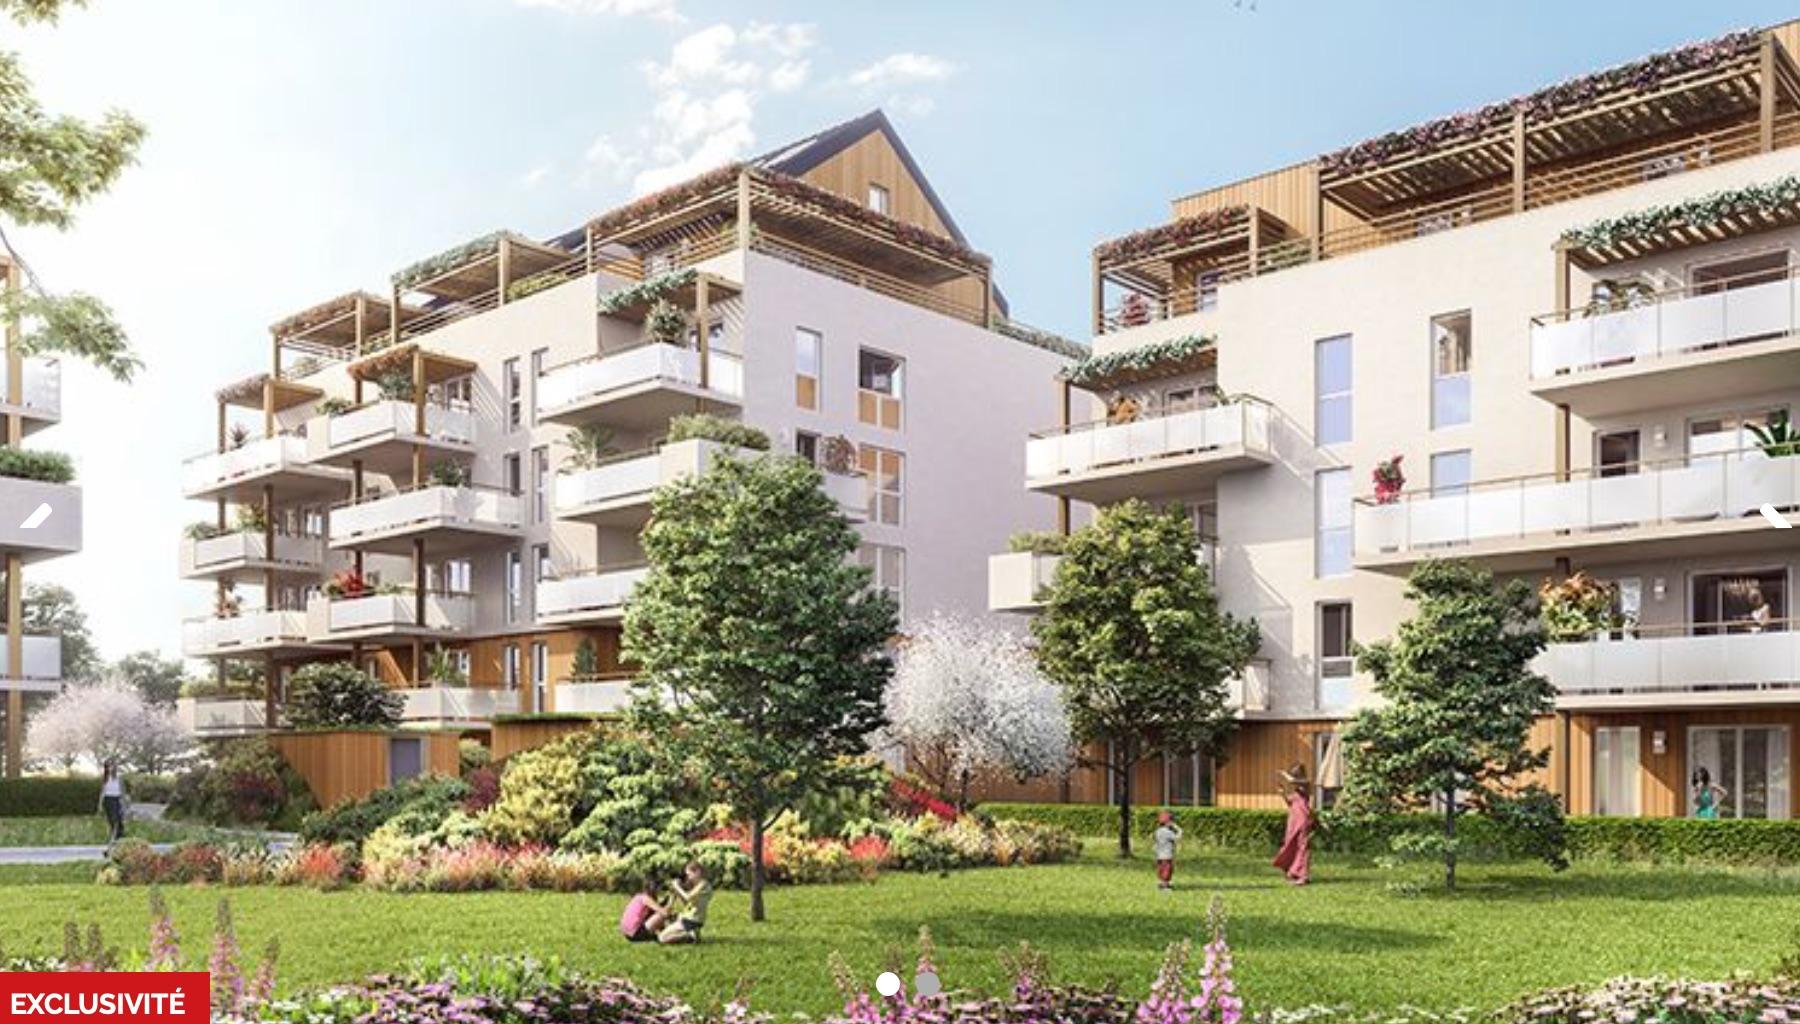 Programme immobilier PI8 appartement à Rumilly (74150) Résidence nichée dans un cocon verdoyant